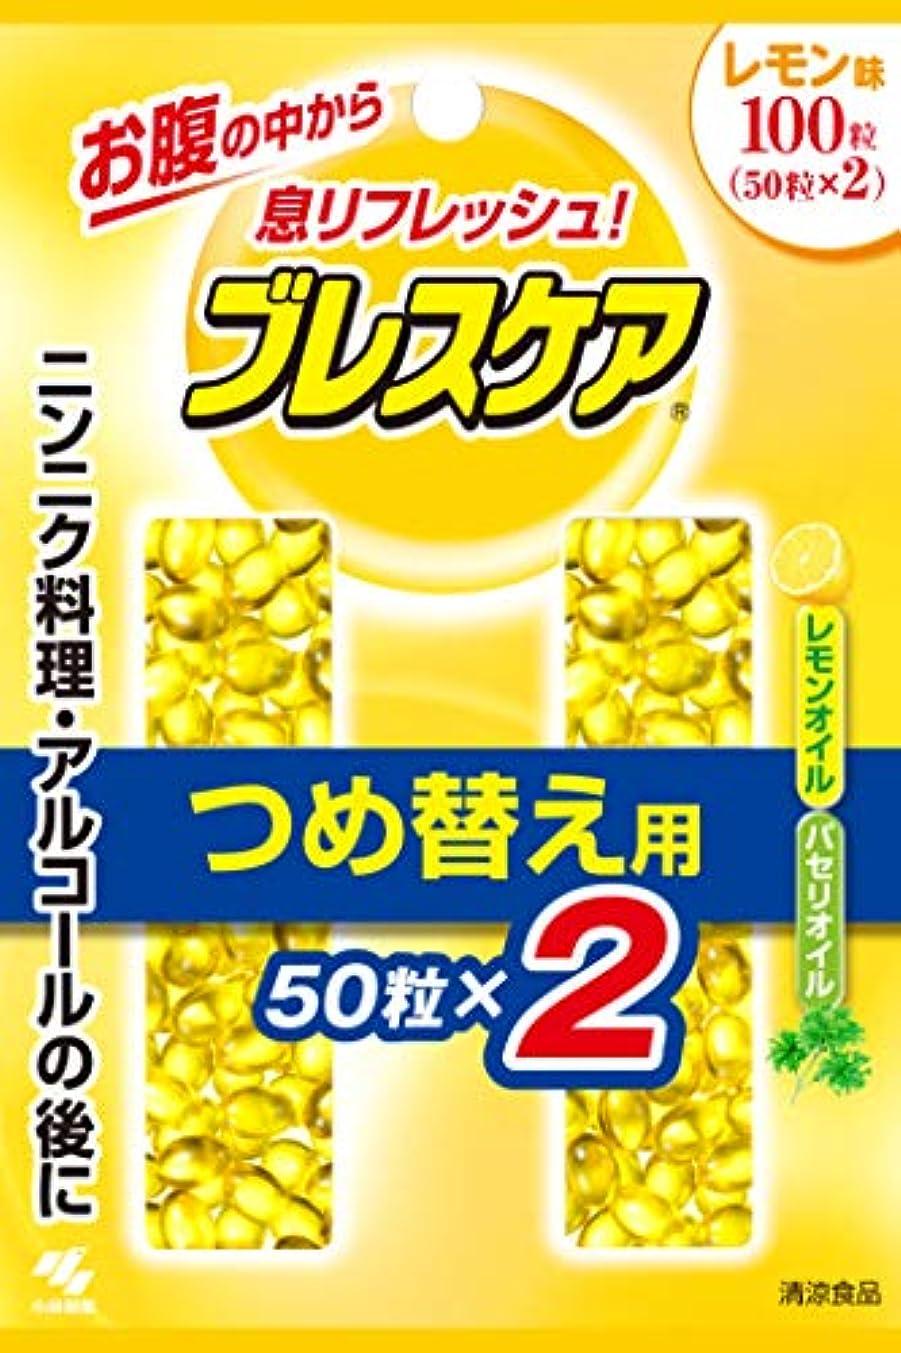 海港洗剤キリンブレスケア 水で飲む息清涼カプセル 詰め替え用 レモン 100粒(50粒×2個